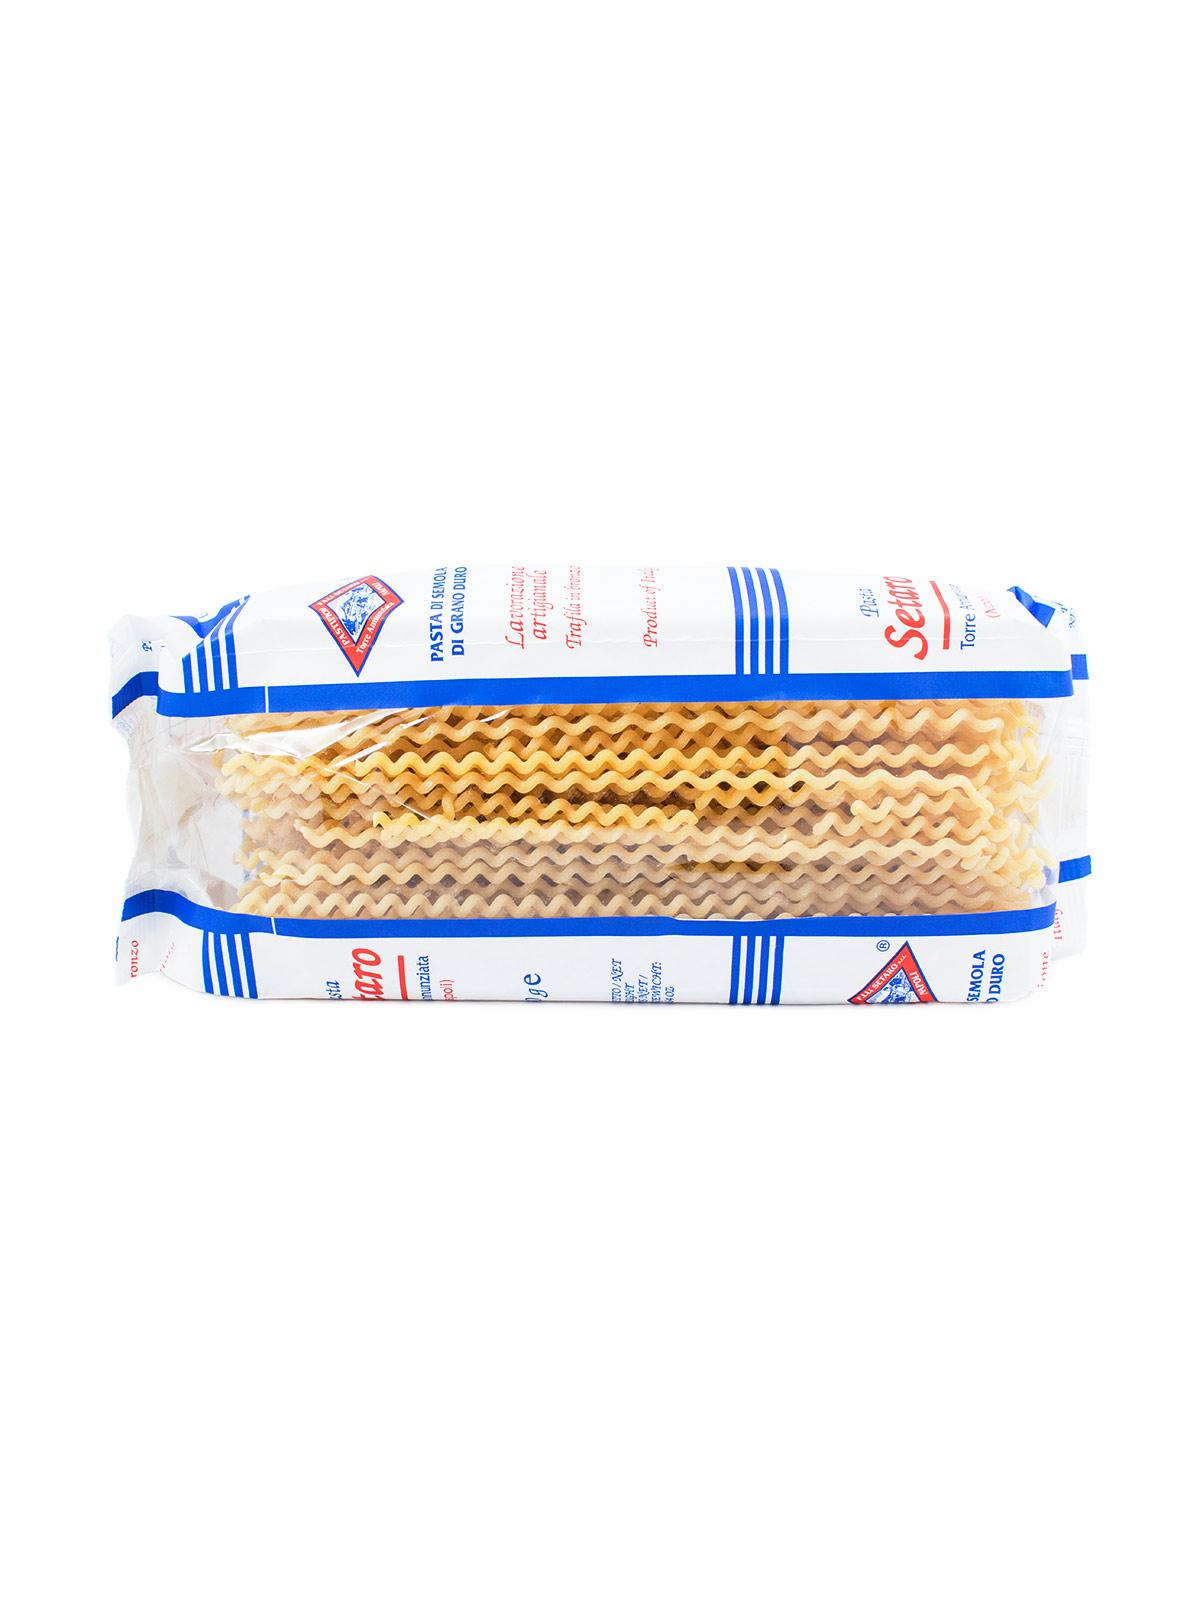 Fusilli Lunghi - Pastas, Rice, and Grains - Buon'Italia